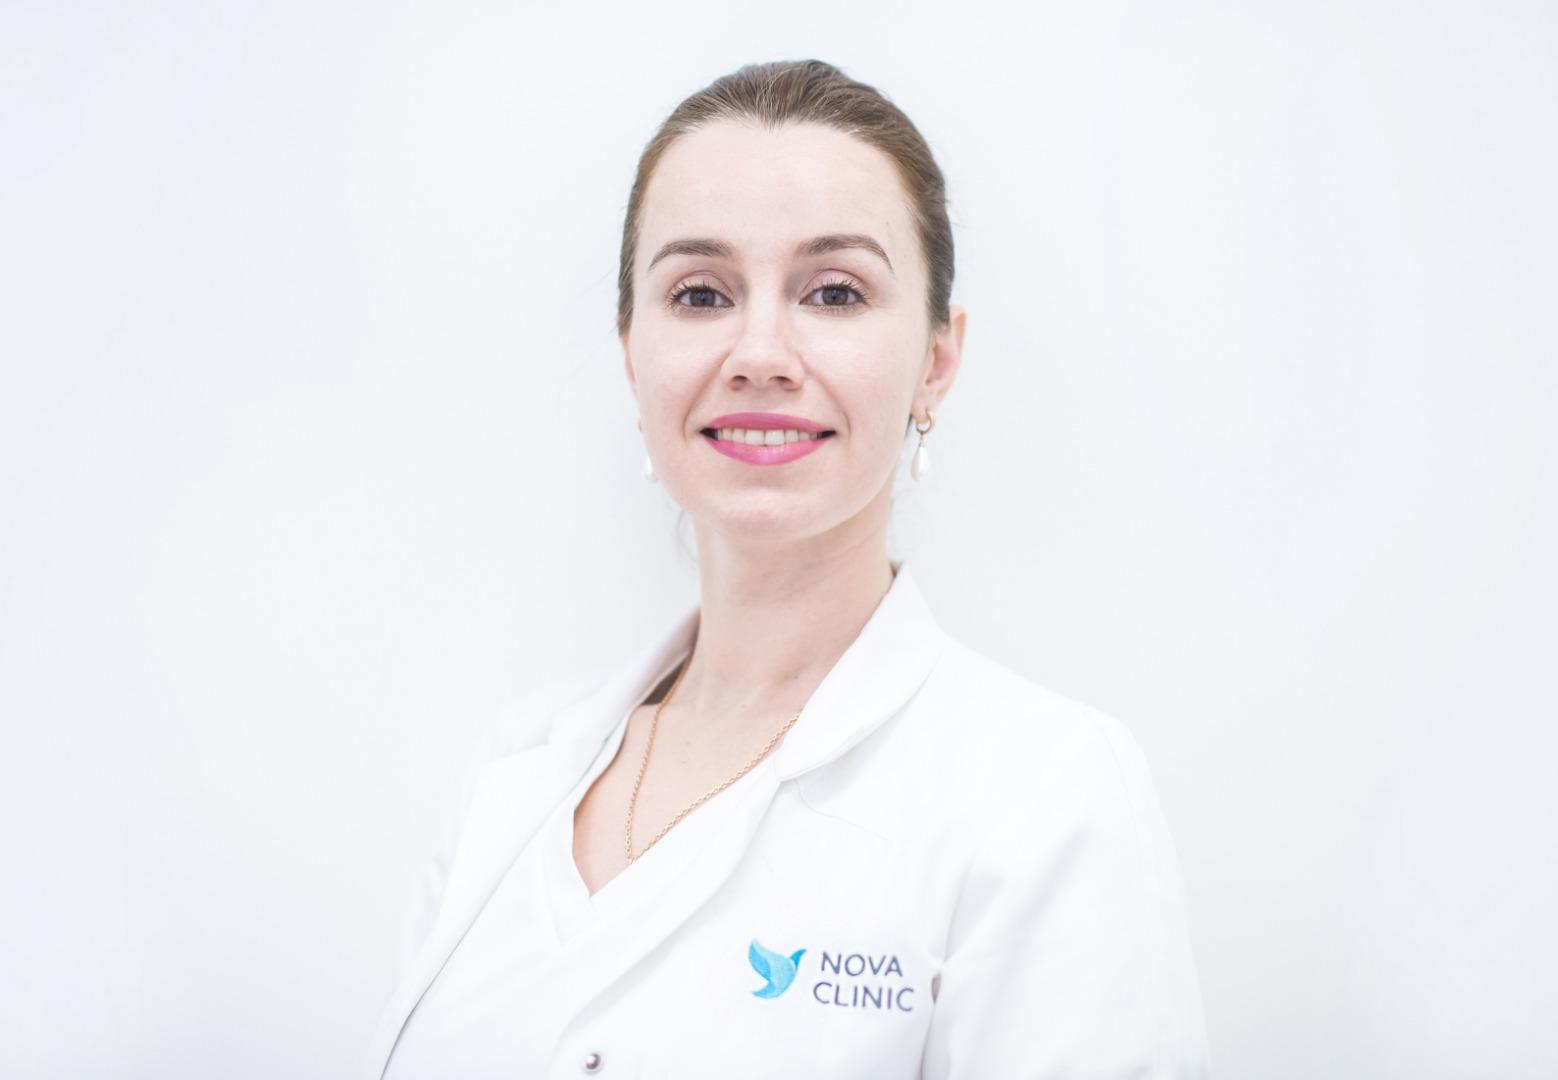 Елена Варламовна Кавтеладзе, врач гинеколог-репродуктолог сети центров репродукции и генетики Нова Клиник